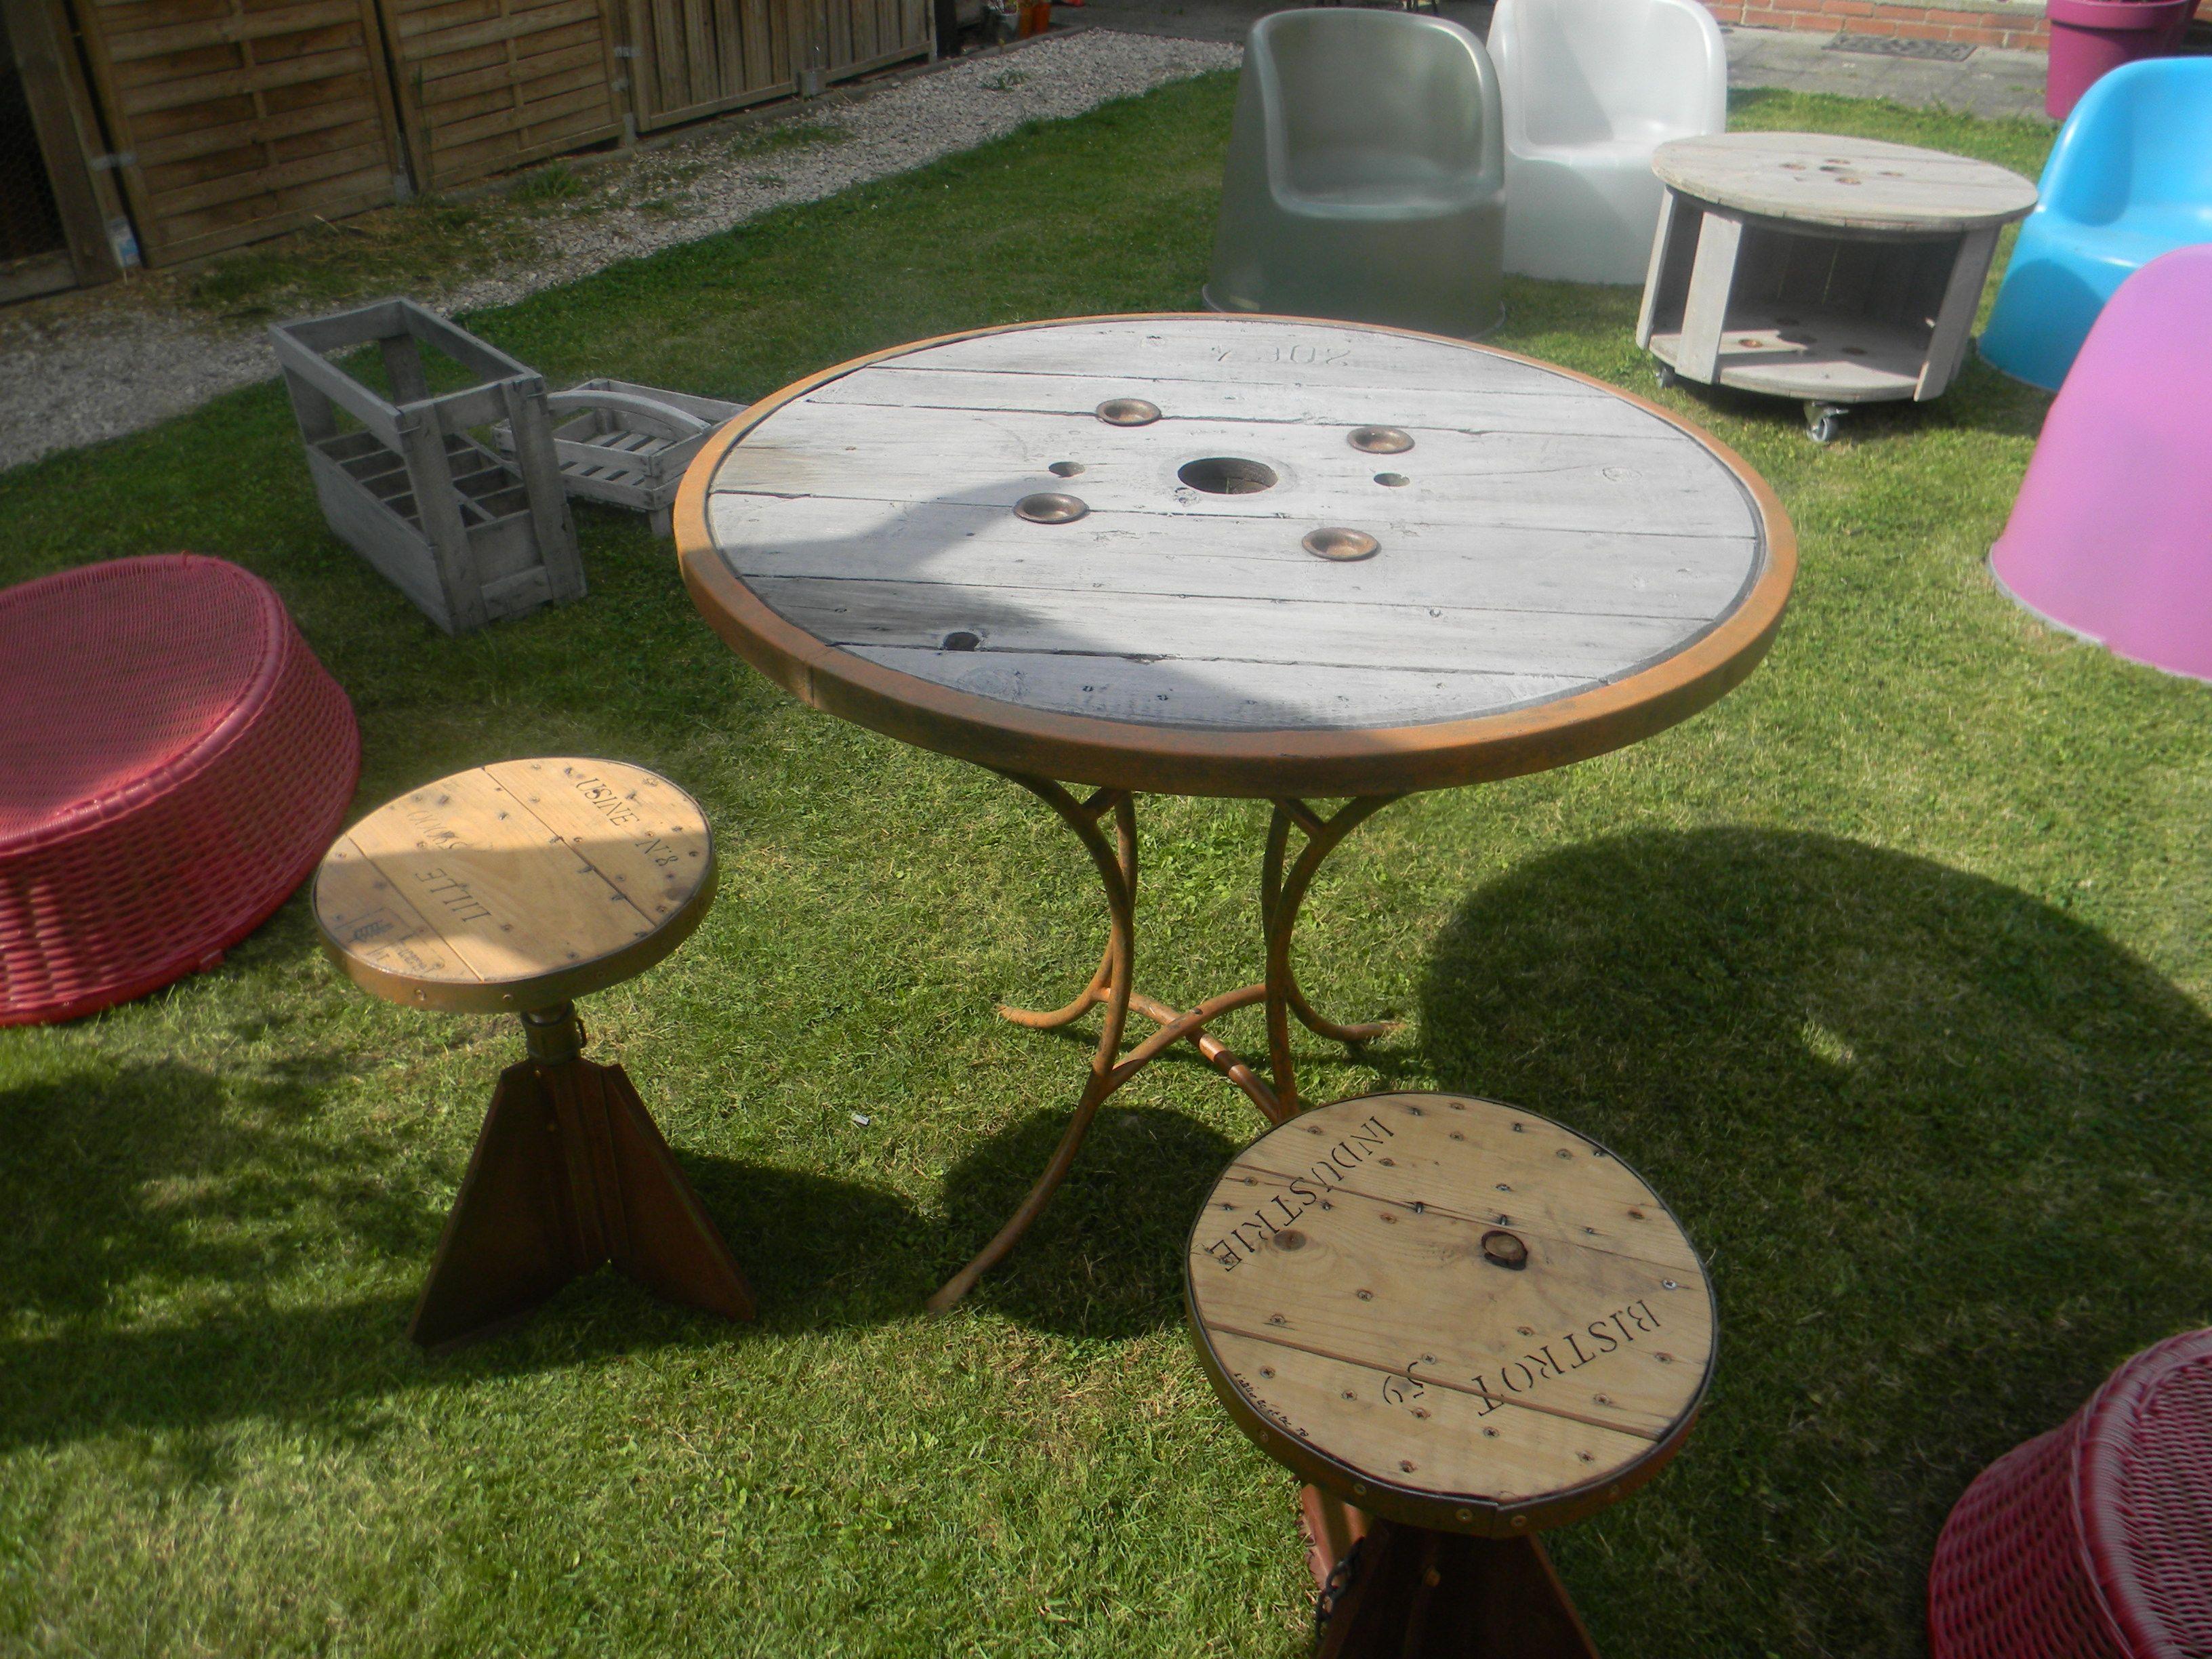 table de jardin faite a partir d un touret bois cerclé teinté et